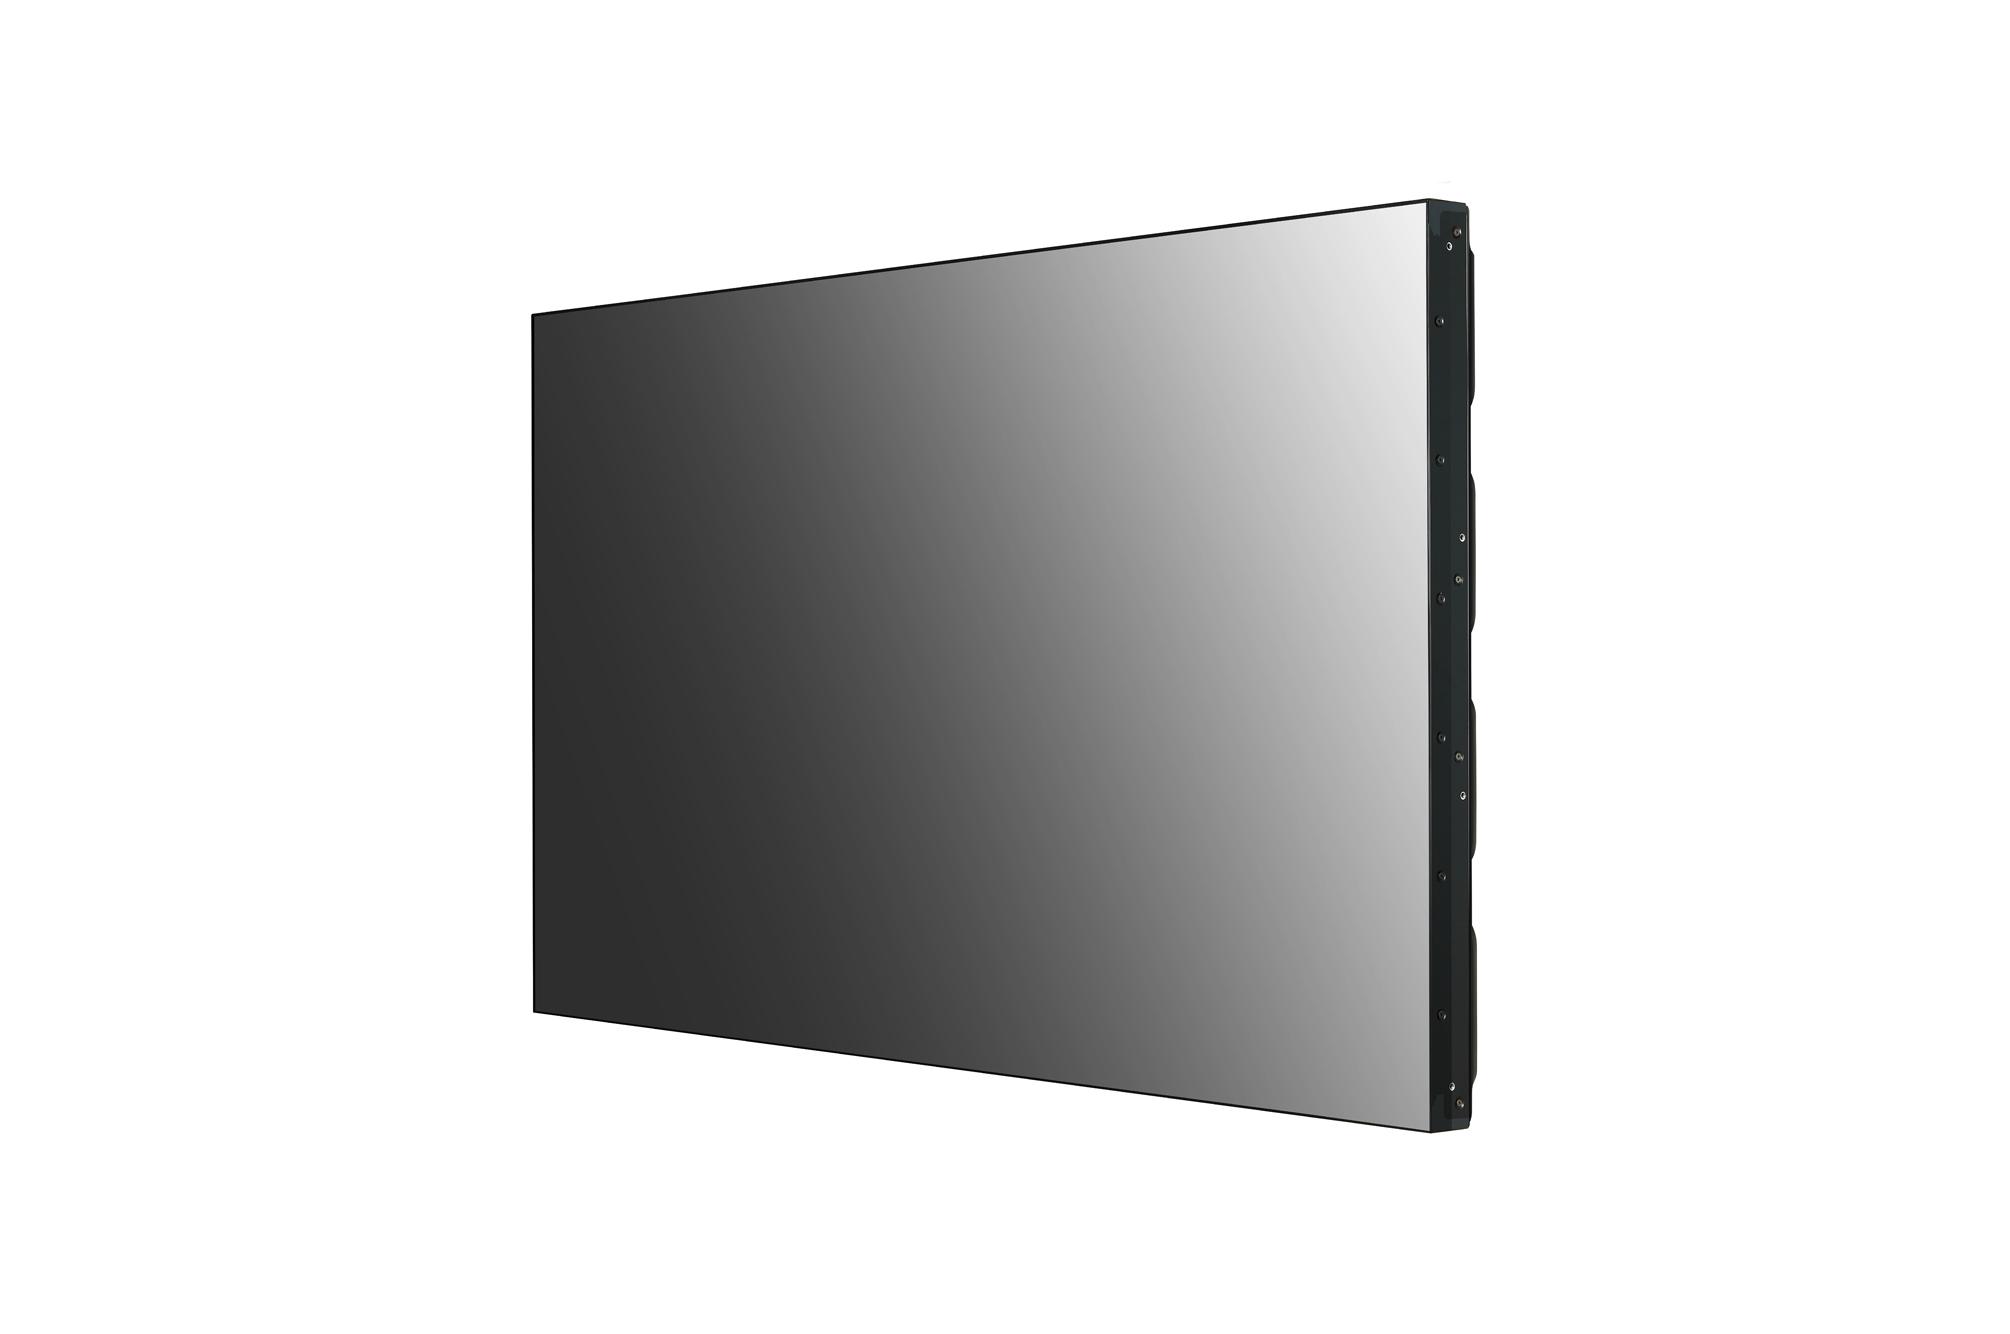 LG Video Wall 49VL7F-A 6